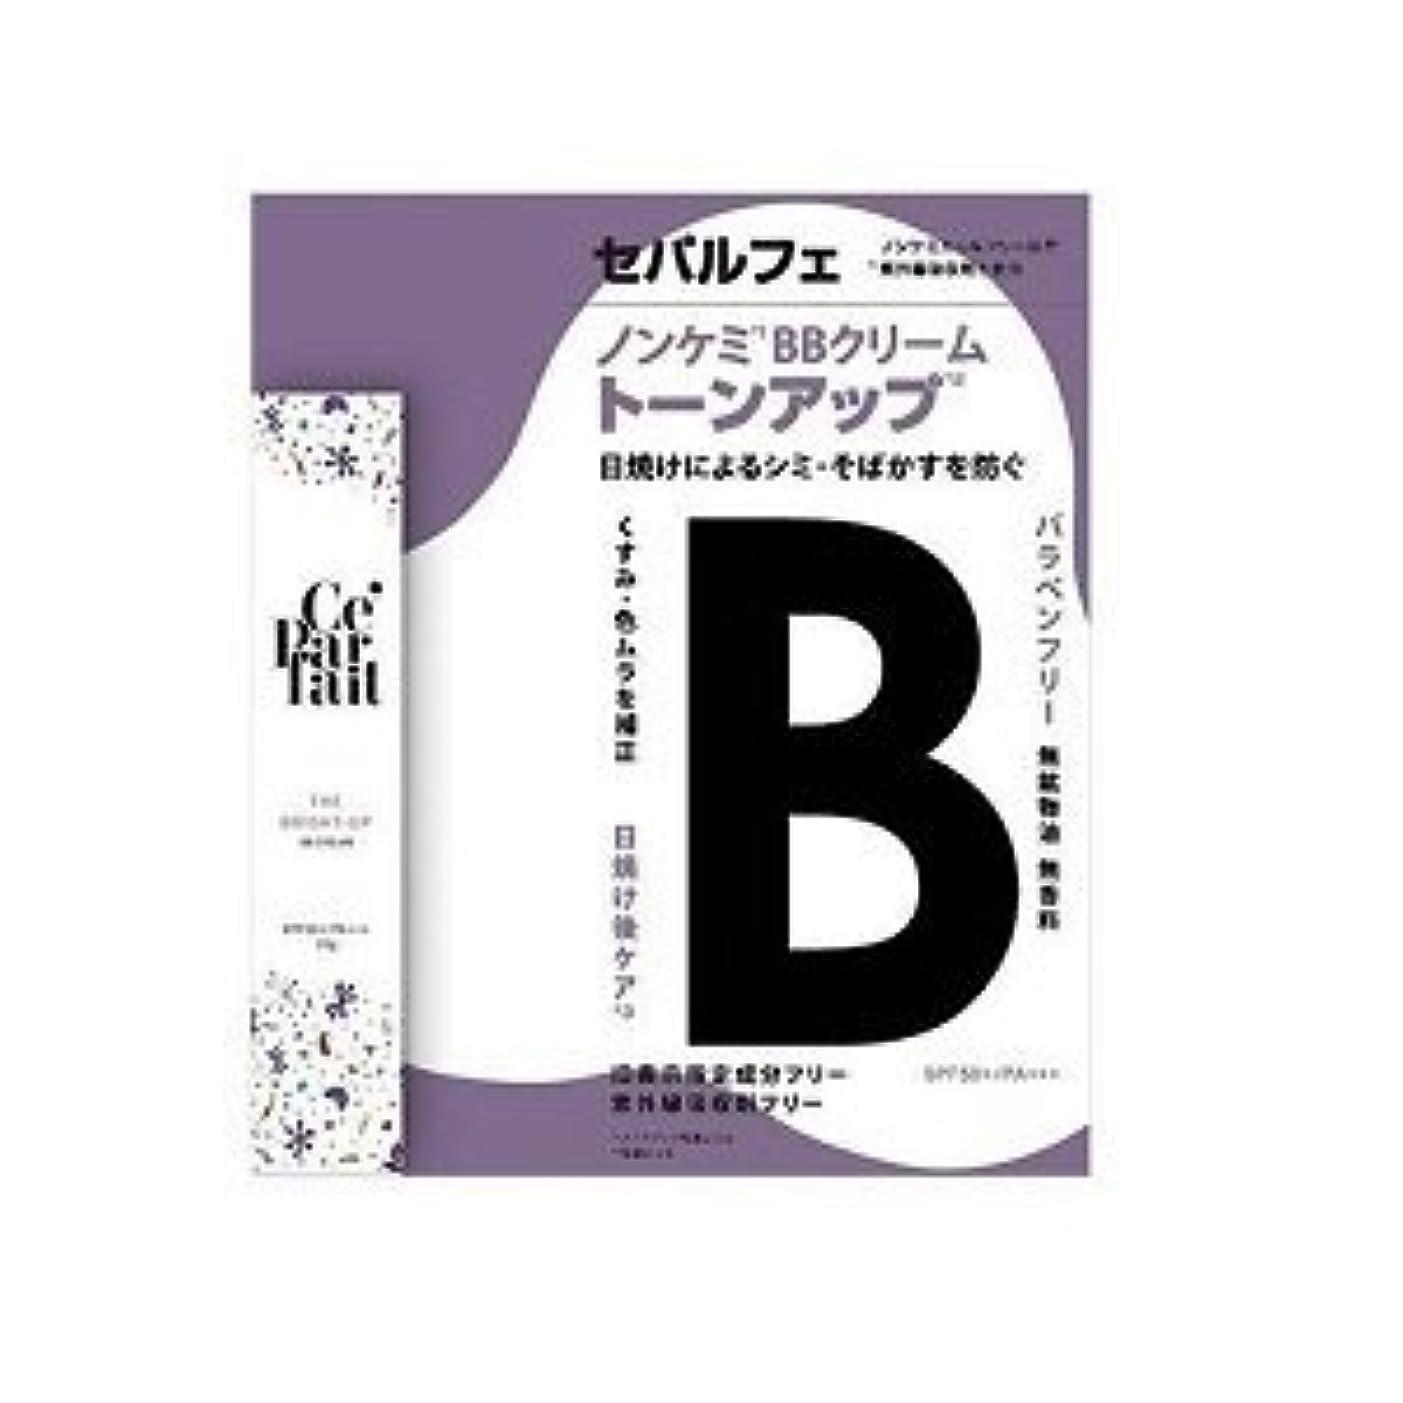 晴れレクリエーション委任するセパルフェ ザ ブライトアップ BBクリーム 20g